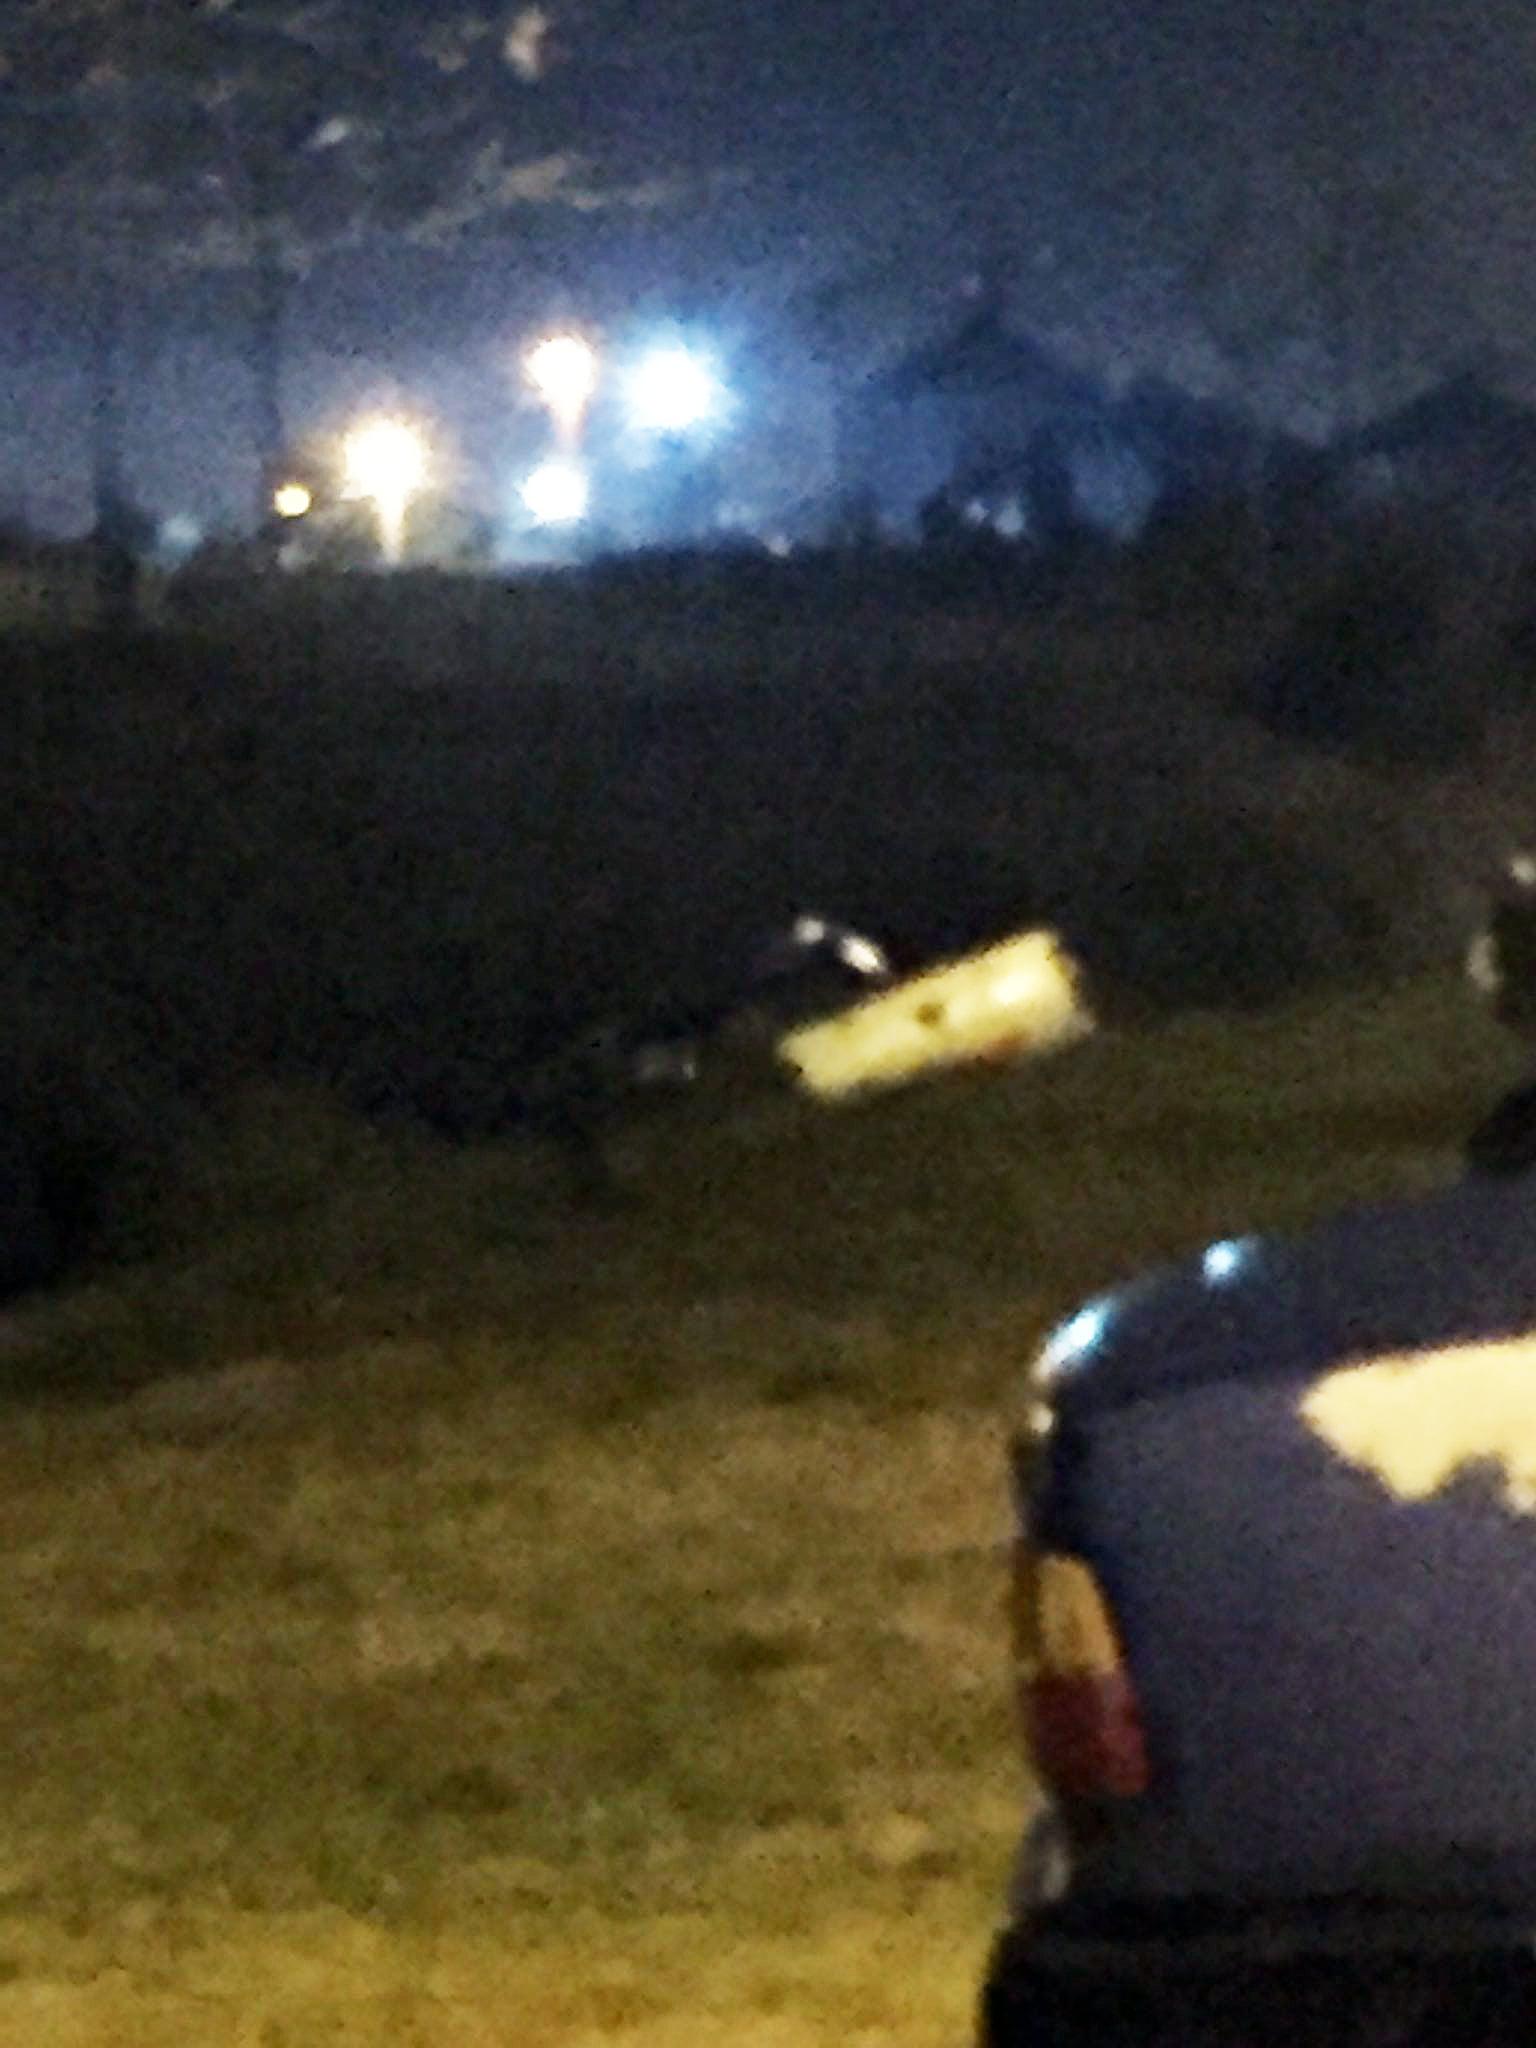 Madrugada accidentada: una camioneta cayó en una zanja en el camino al Parque Cabañas